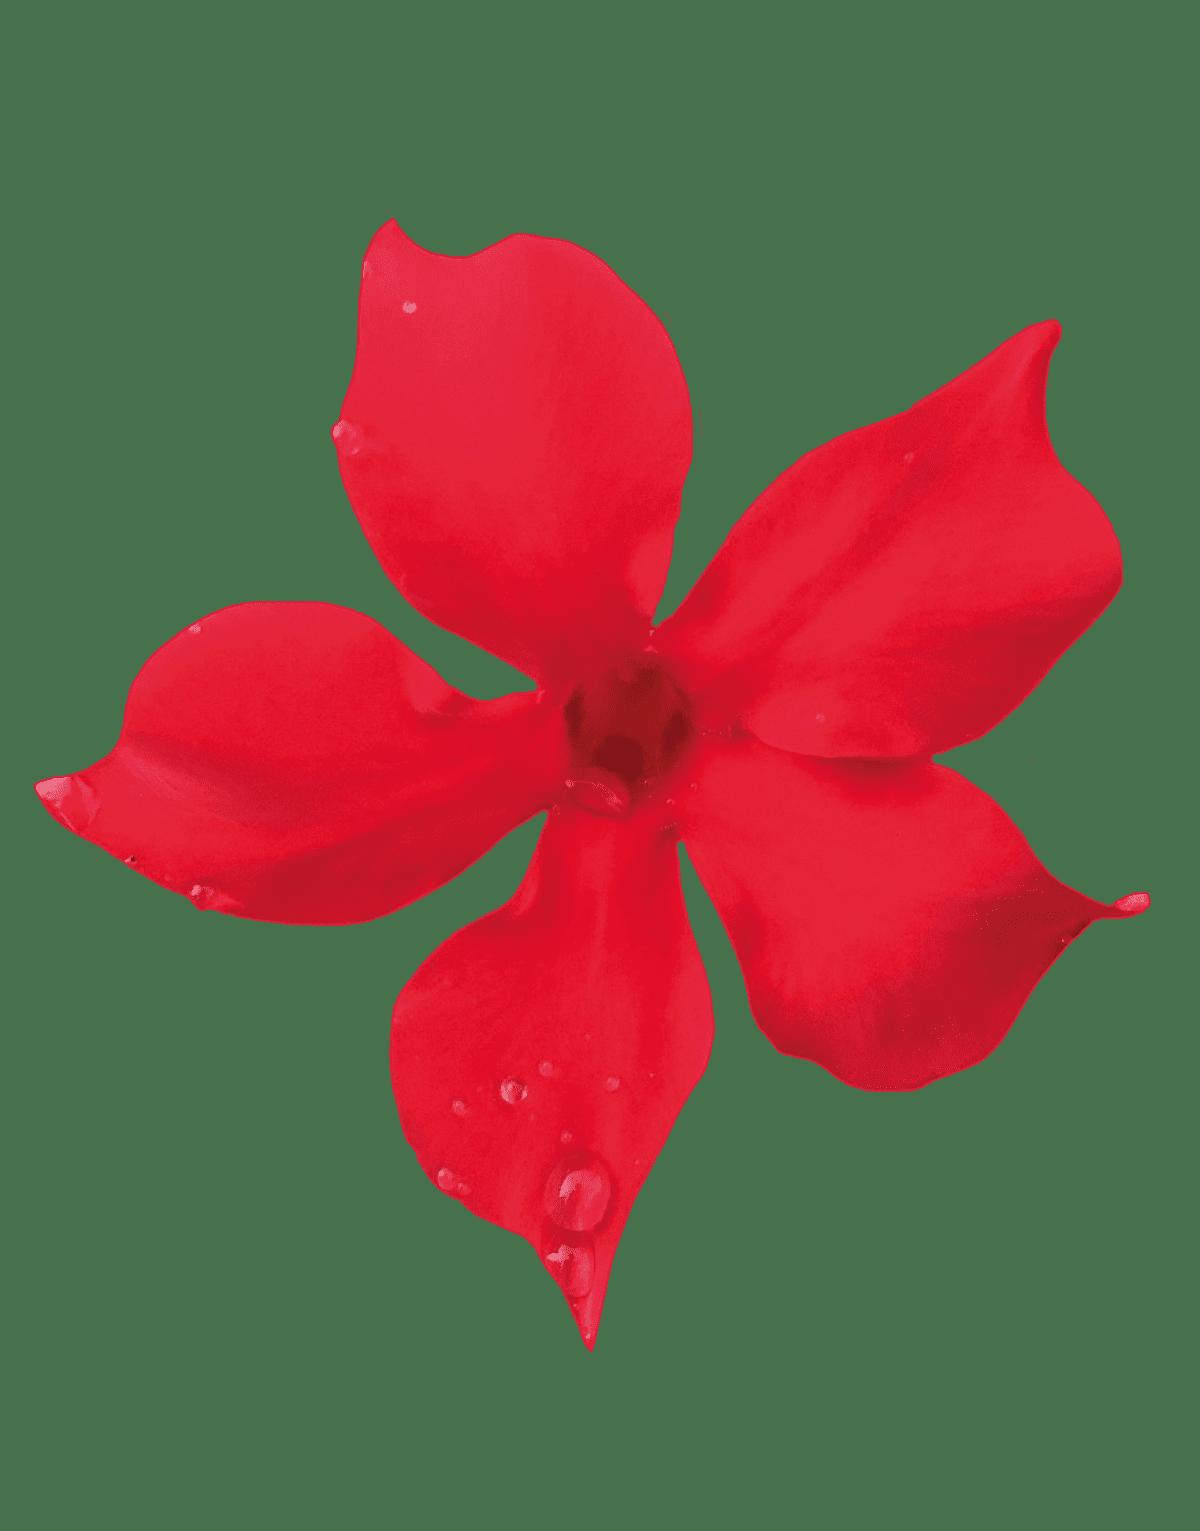 Sundaville Mini Scarlet